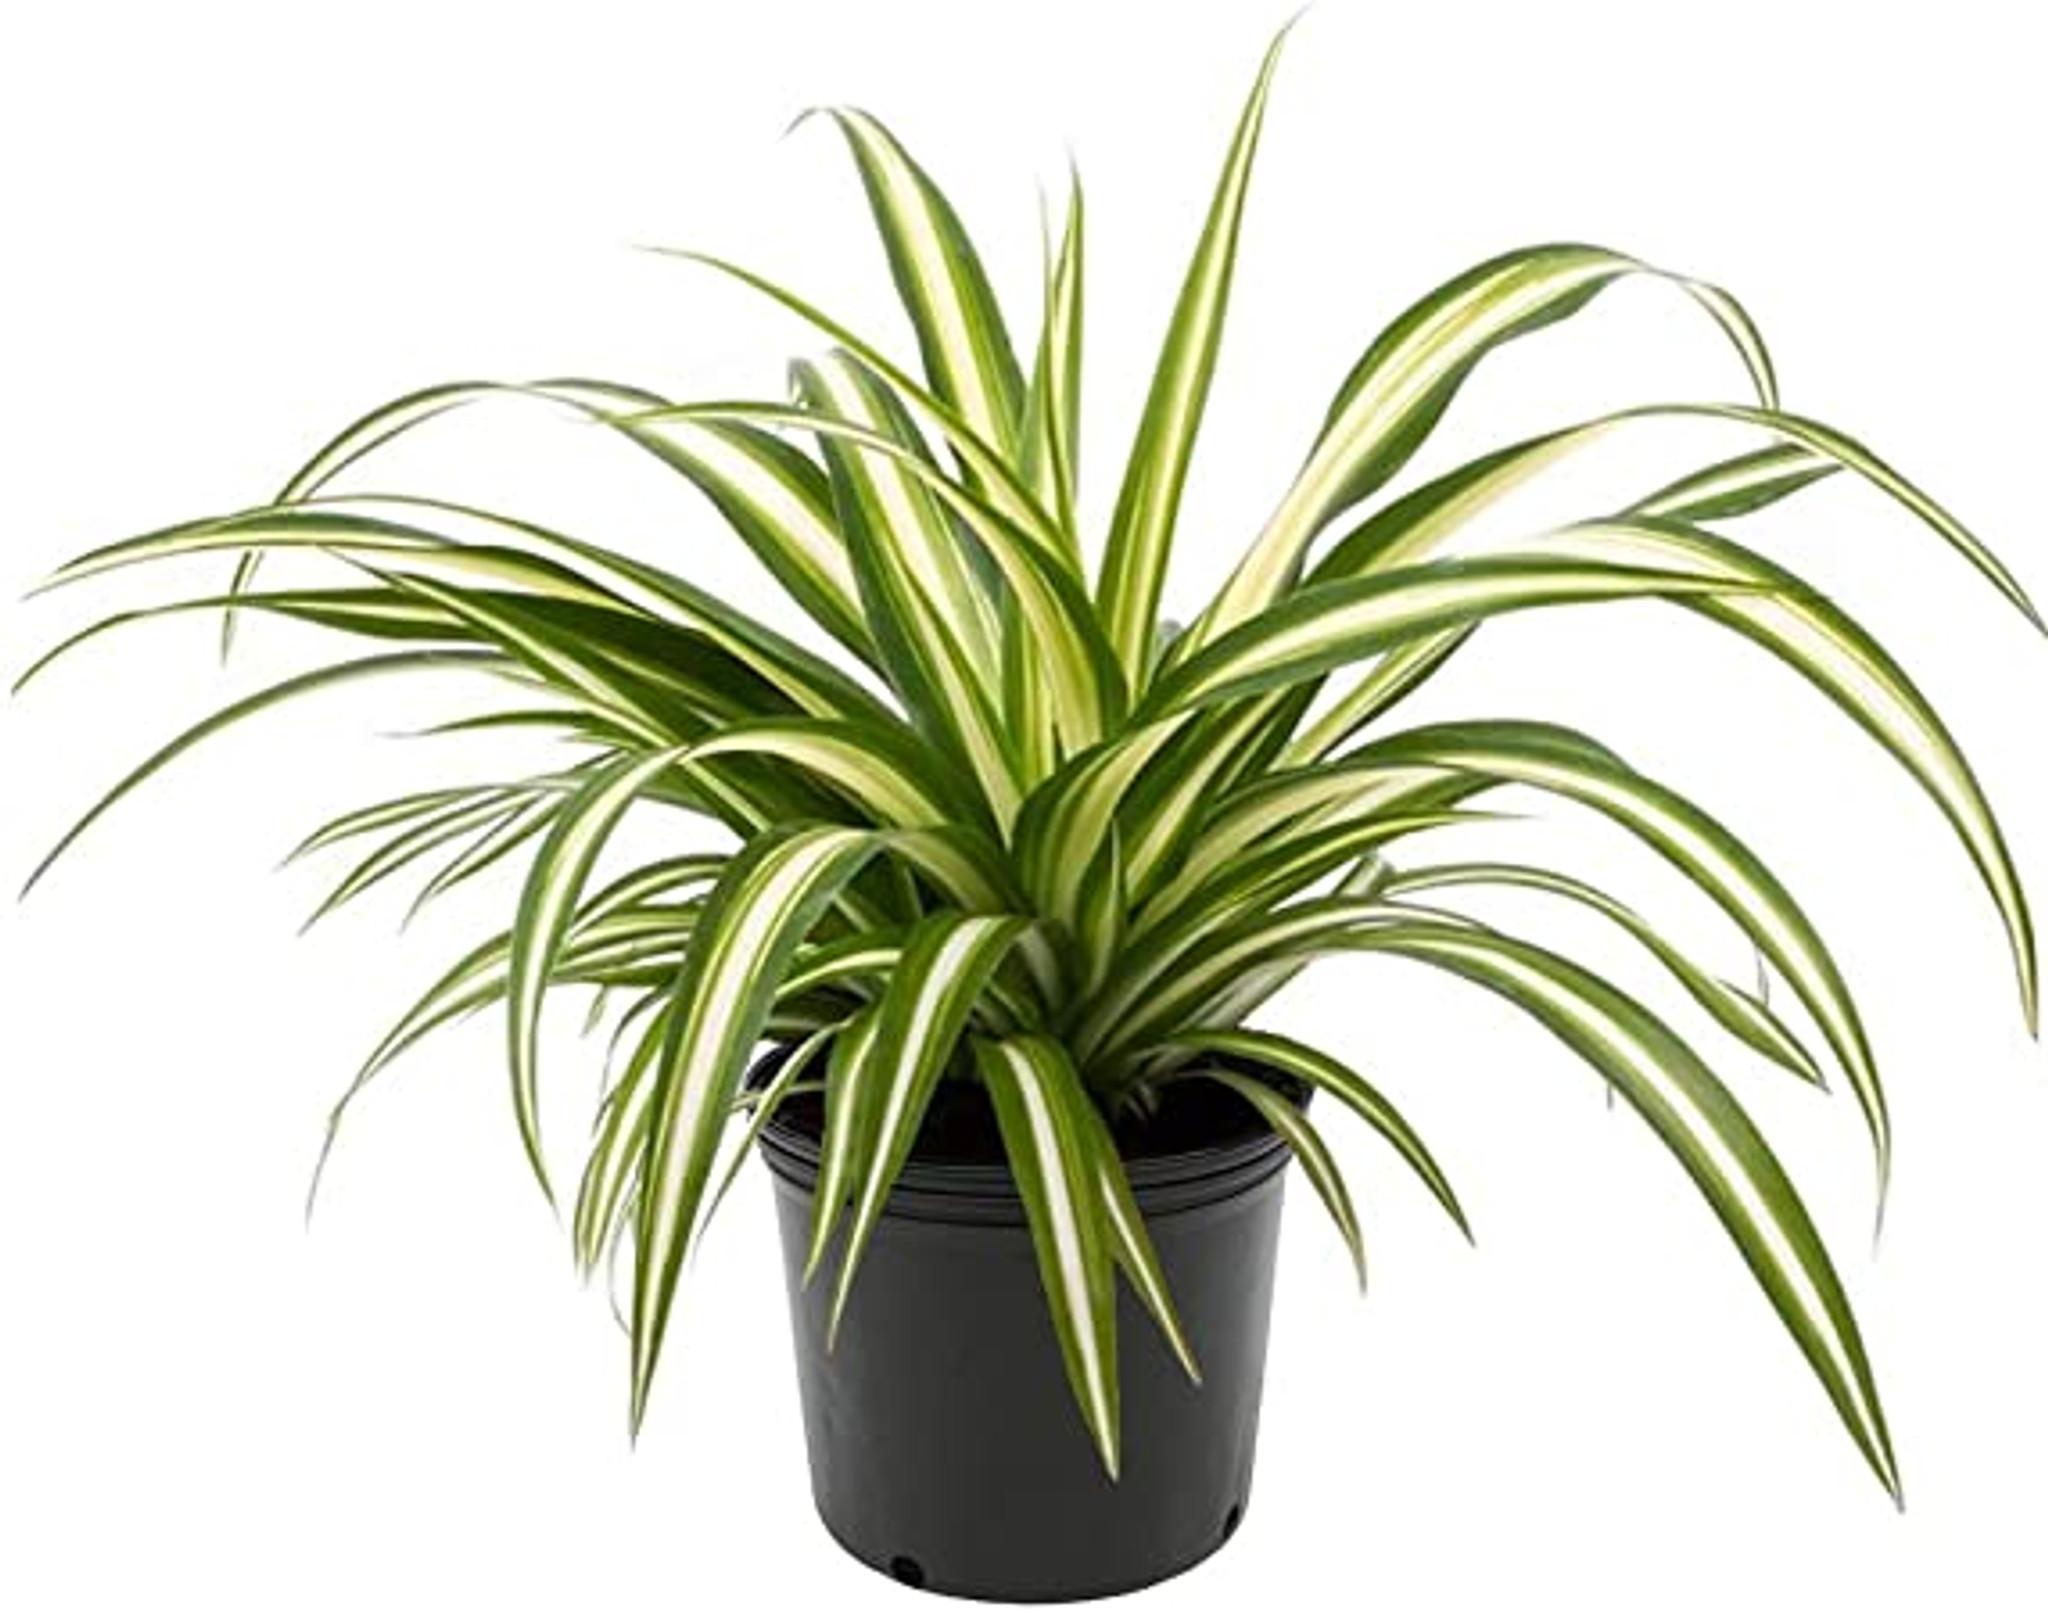 """Spider Plant Chlorophytum comosum 4"""" and 8"""" - Urban Garden Center"""